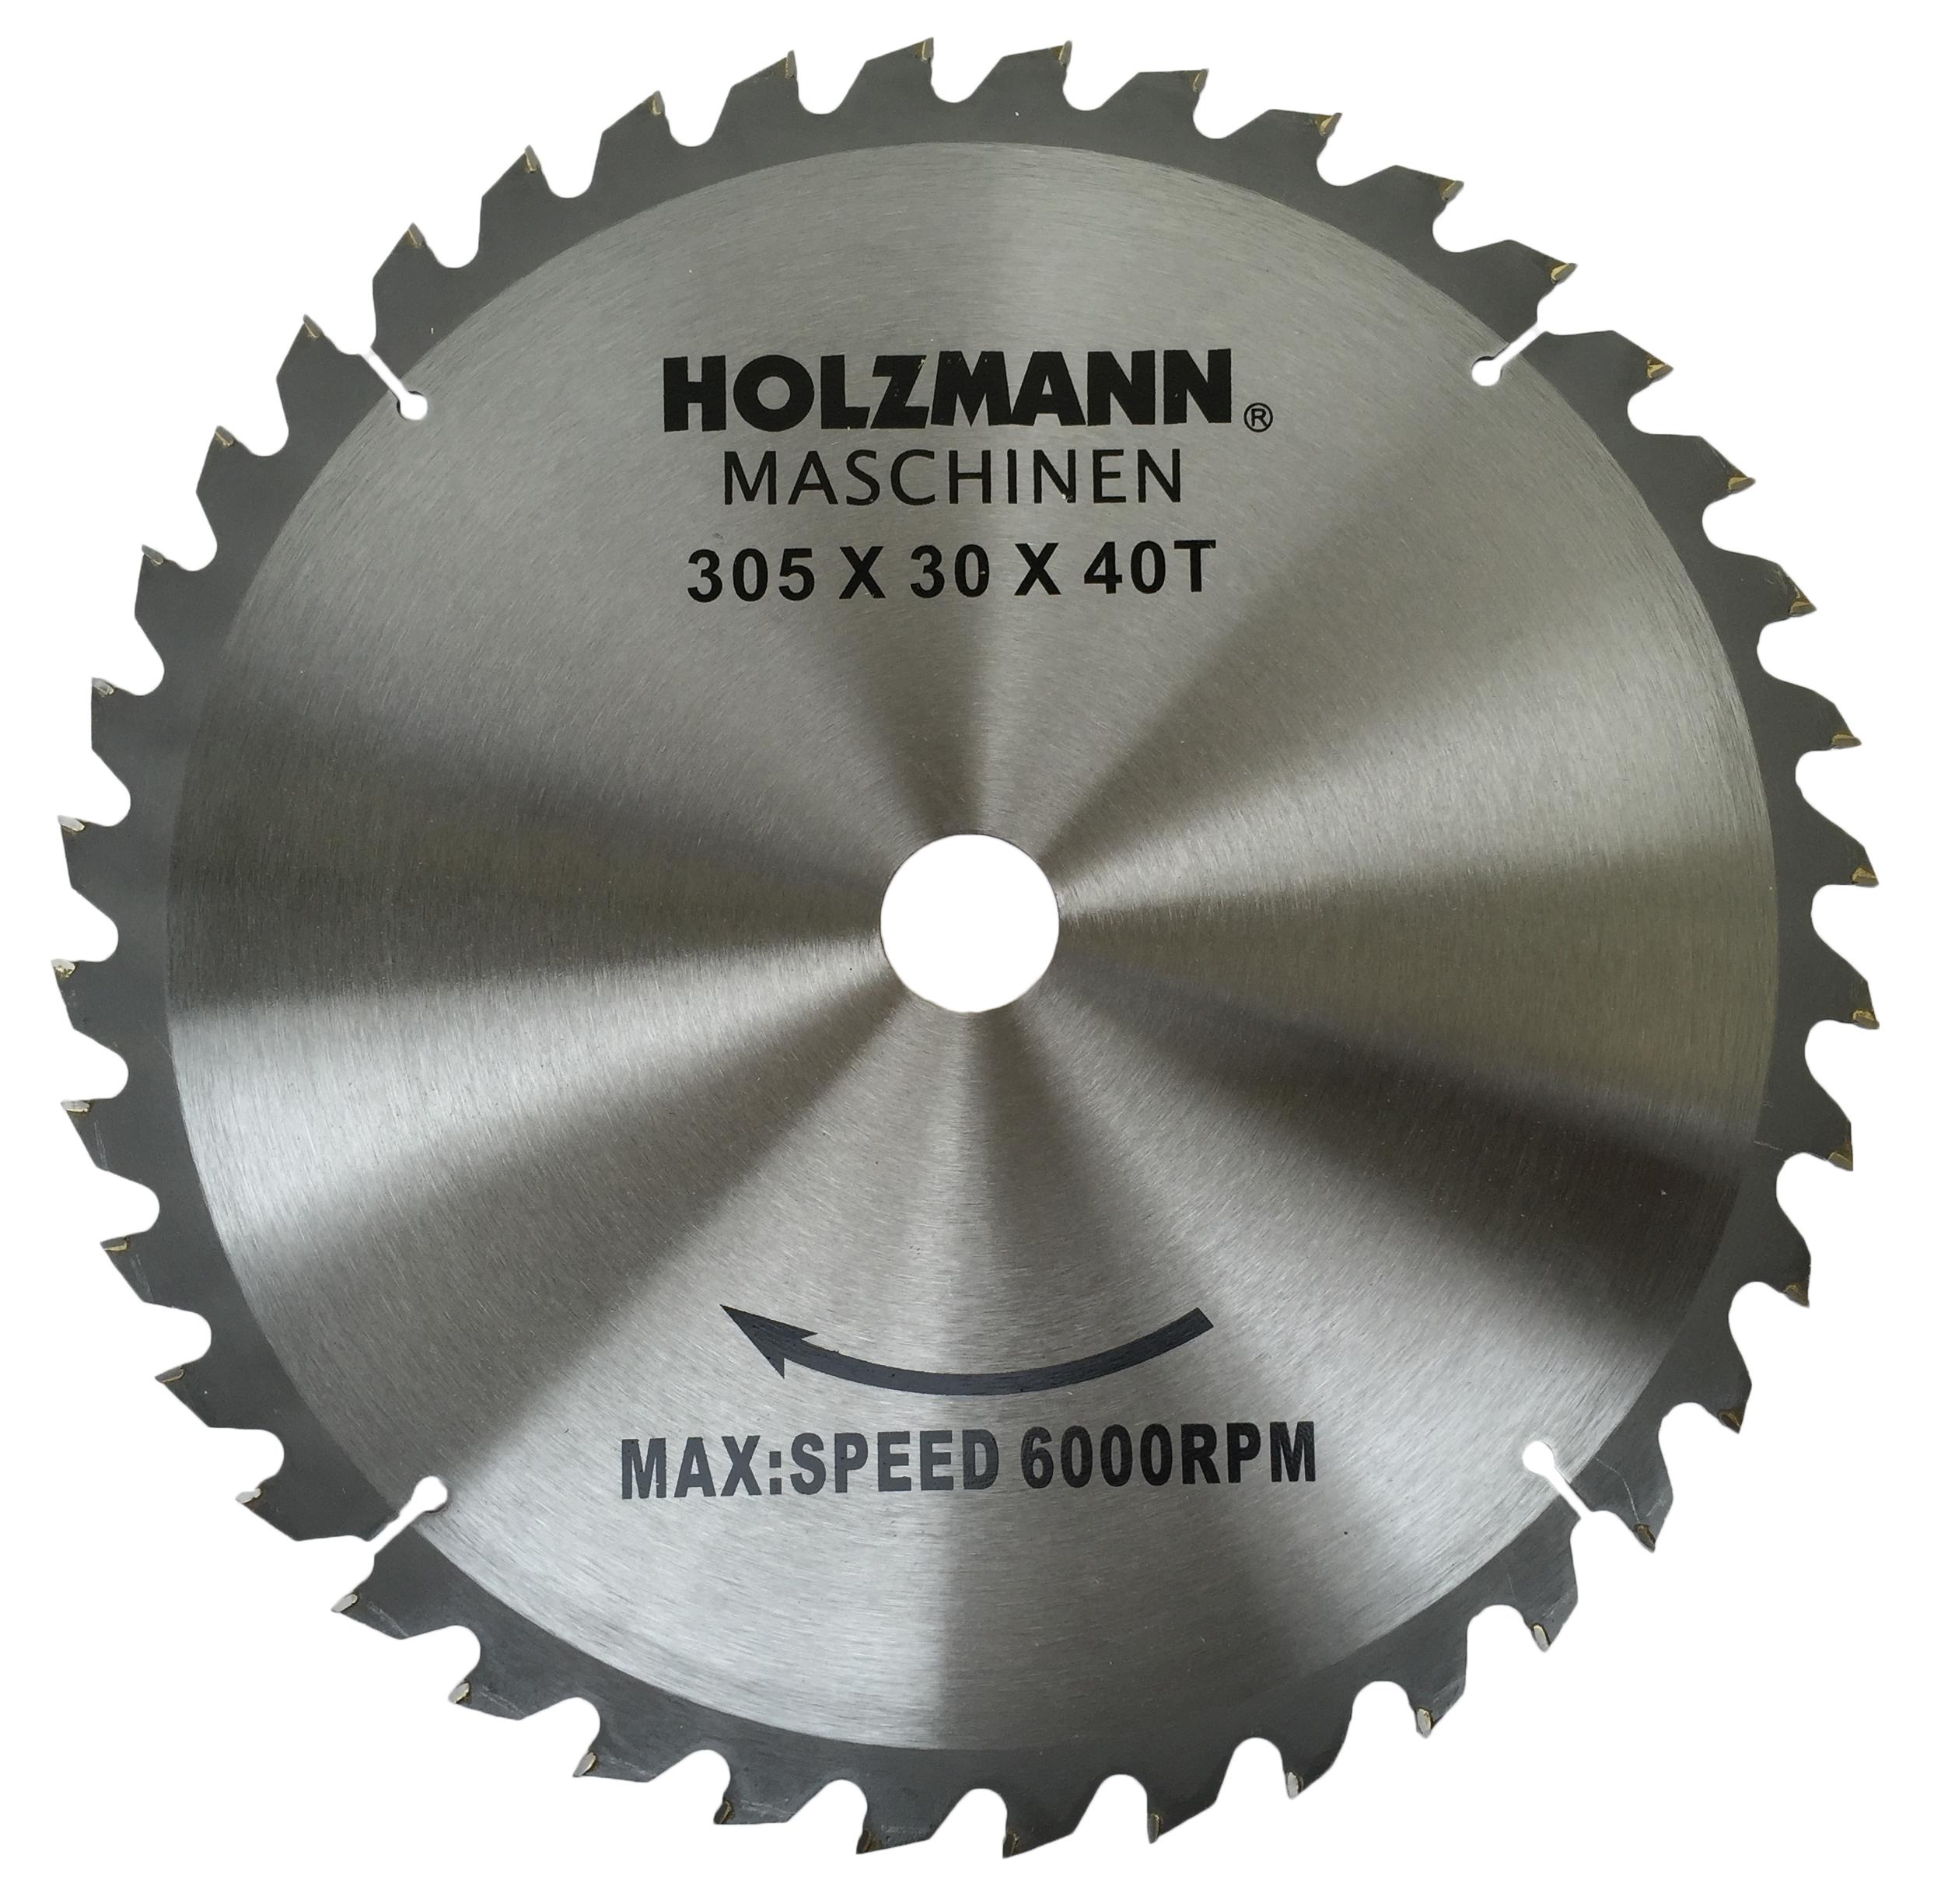 holz- & maschinentechnik markmüller | holzmann hartmetall sägeblatt